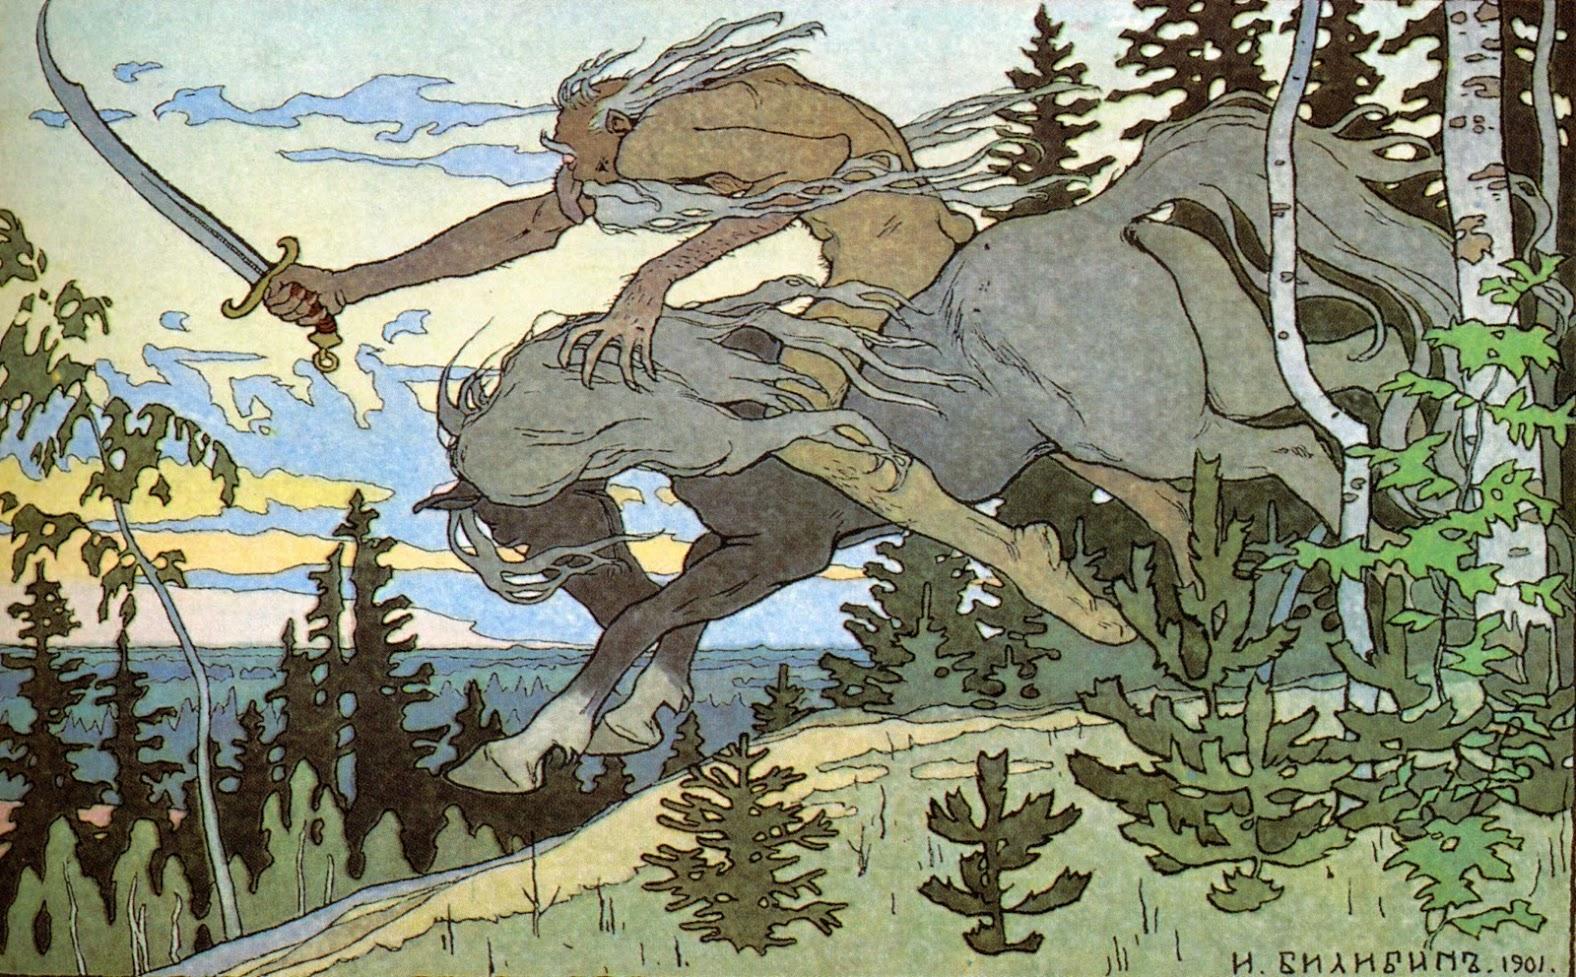 Ivan-Bilibin-Koshchey-big.jpg